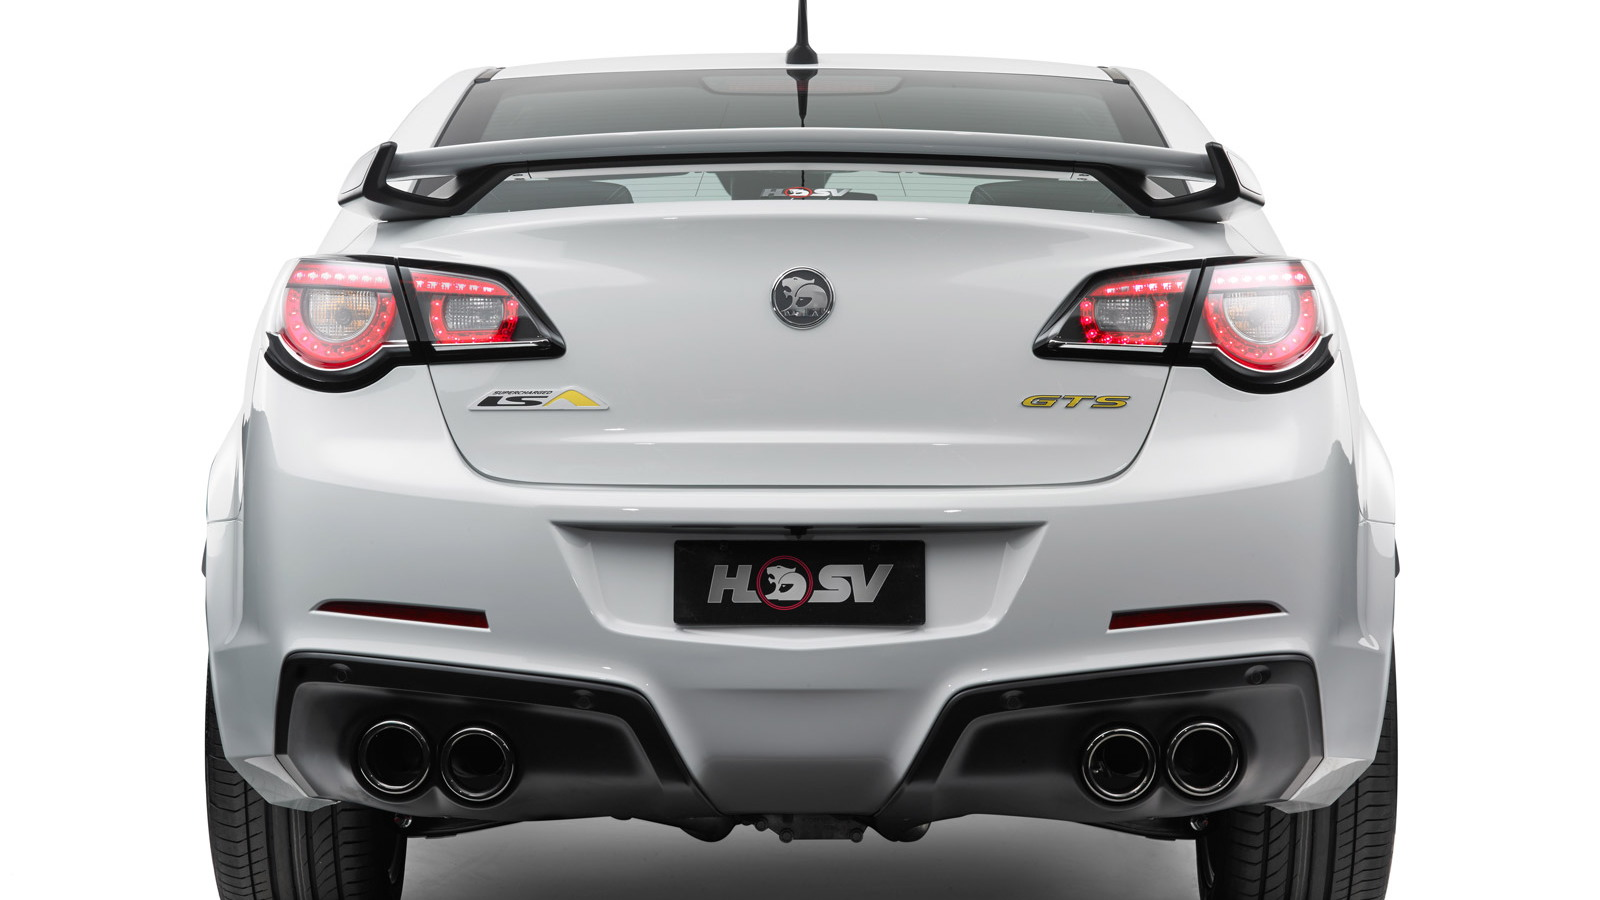 2013 HSV GTS